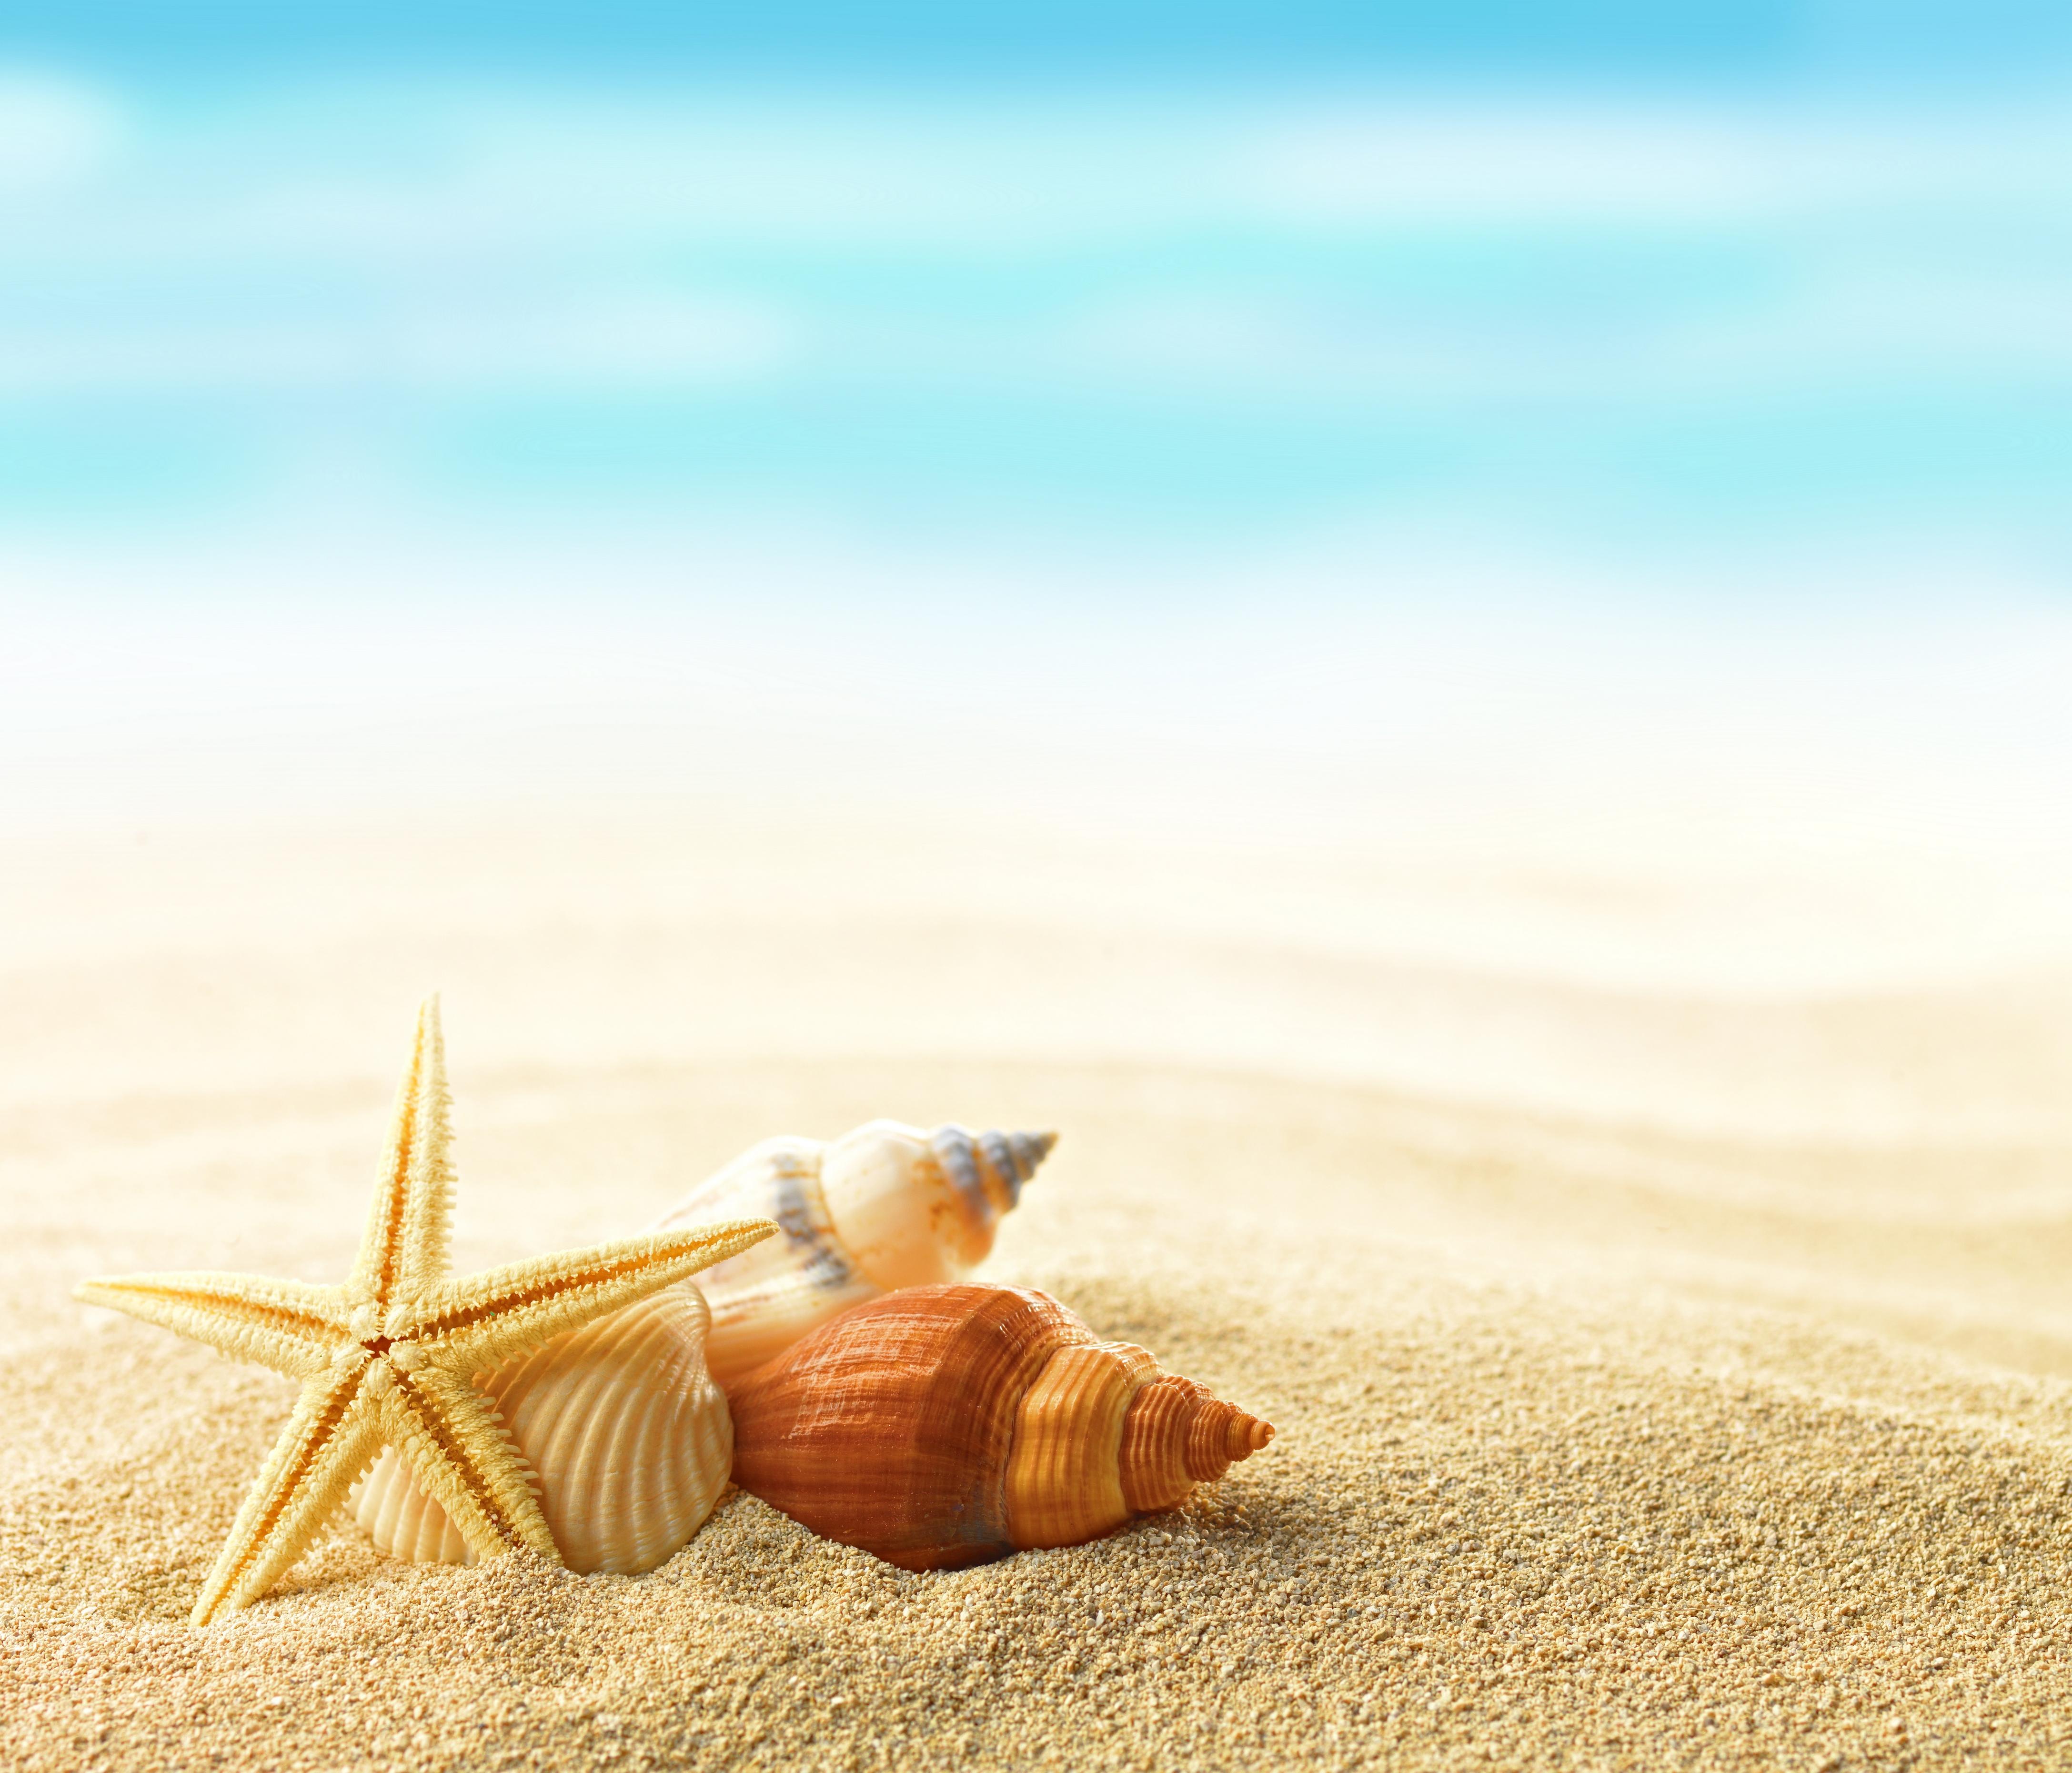 Пляж с желтыми зонтами  № 1497457 бесплатно